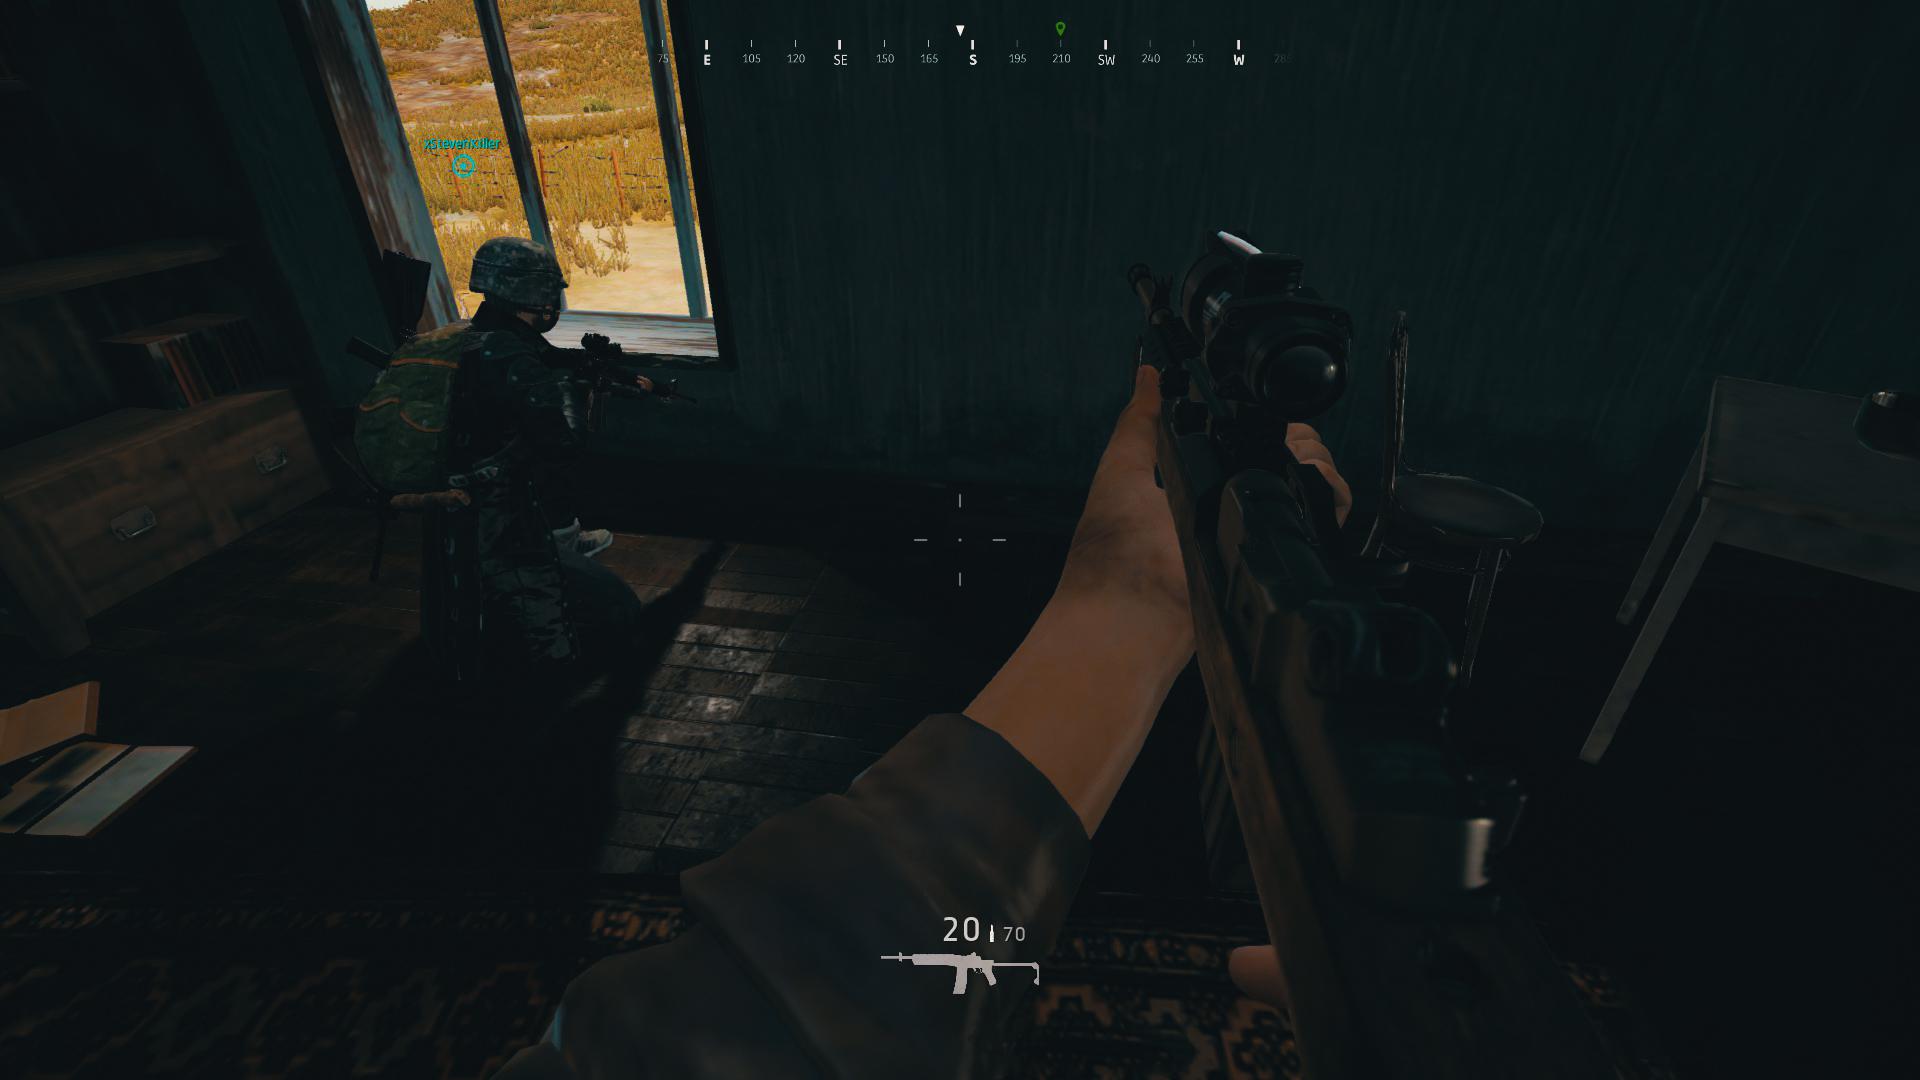 Wallpaper : 1920x1080 Px, Pertama, Penembak Orang